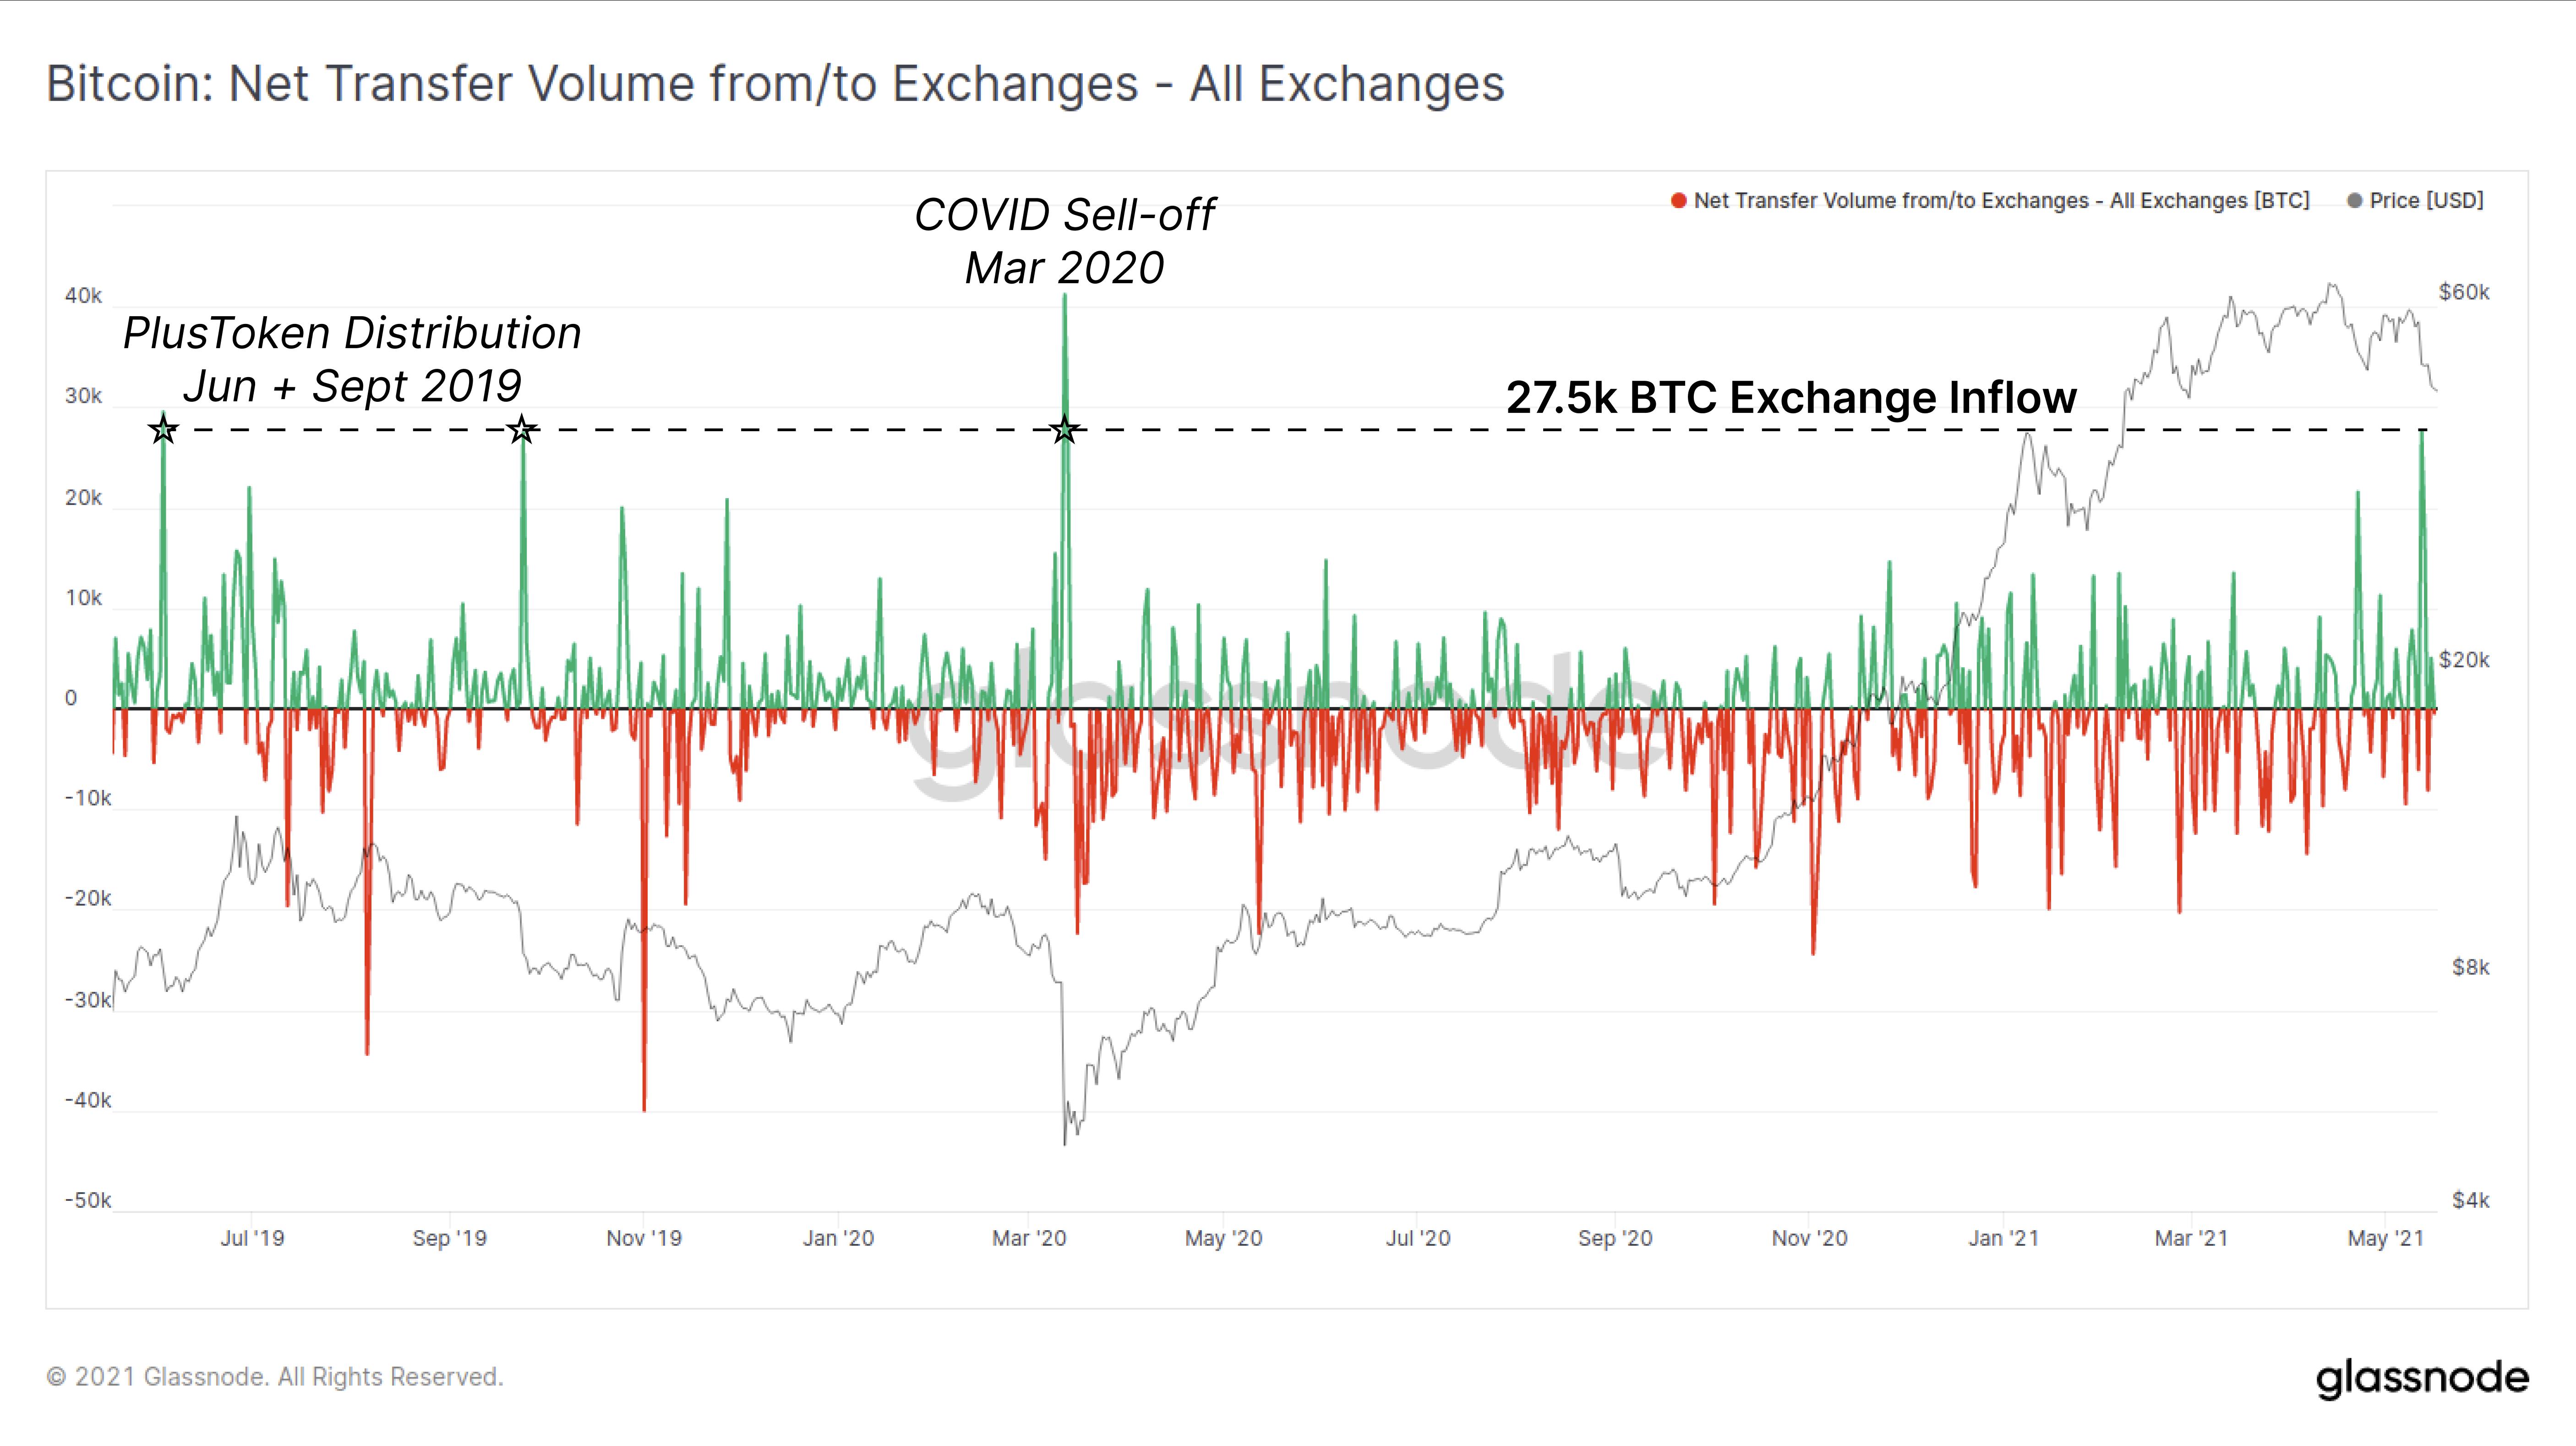 Volume di trasferimento netto di Bitcoin da/a exchange